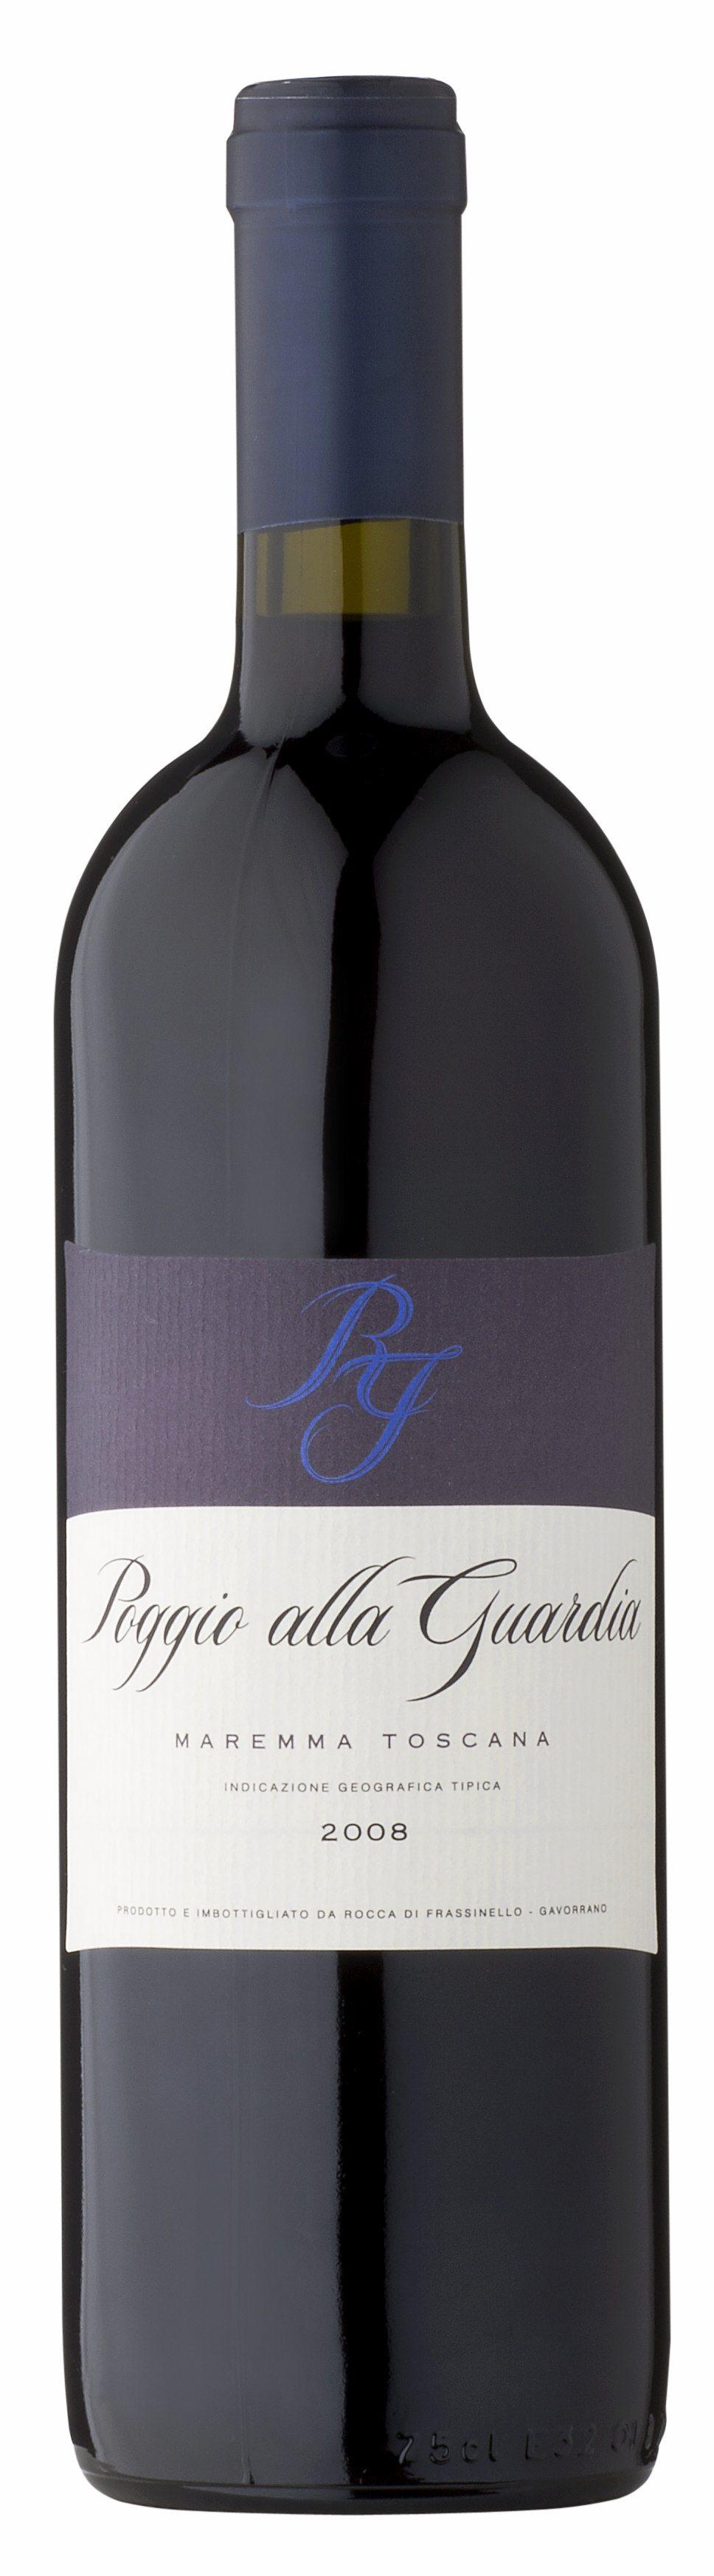 """""""Poggio alla Guardia"""" Maremma Toscana 2019 750 ML Rocca di Frassinello"""